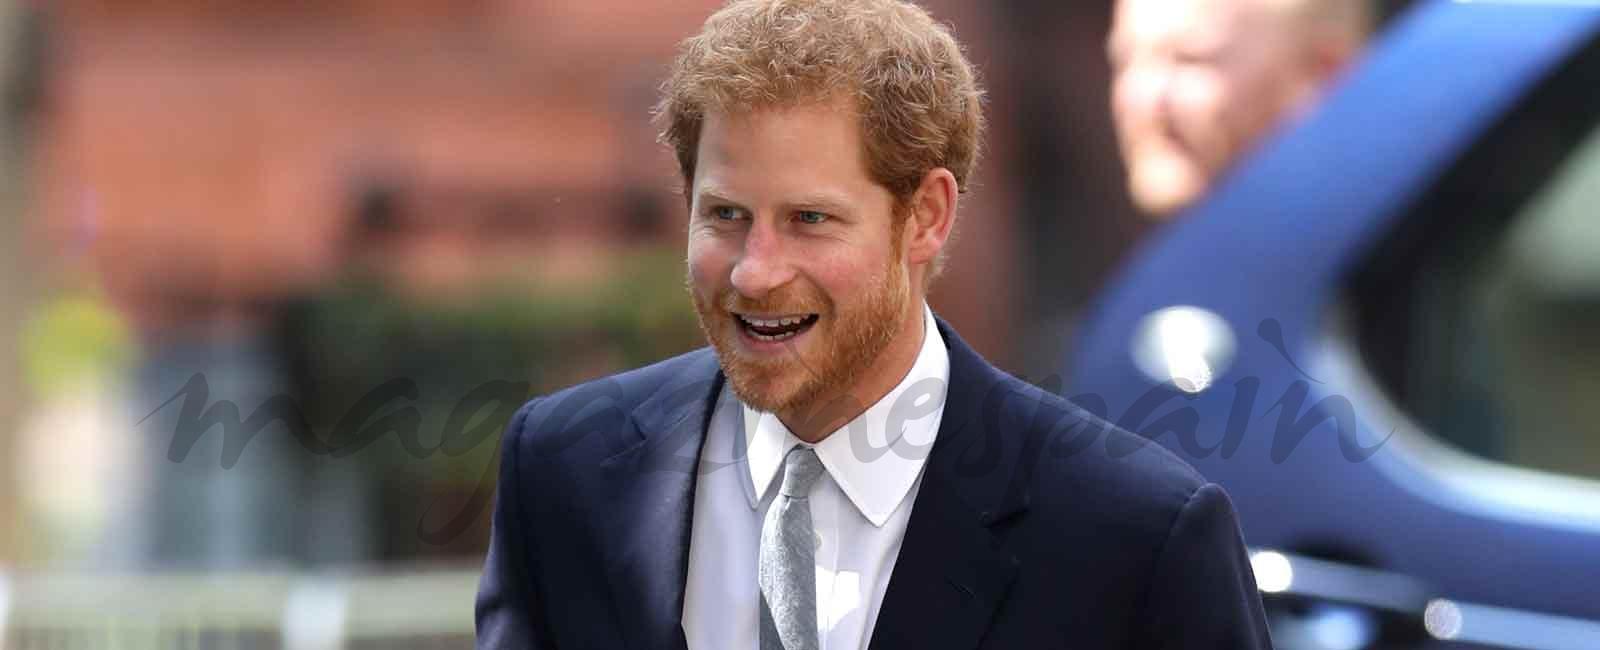 El príncipe Harry y Meghan Markle… ¿compromiso en diciembre?